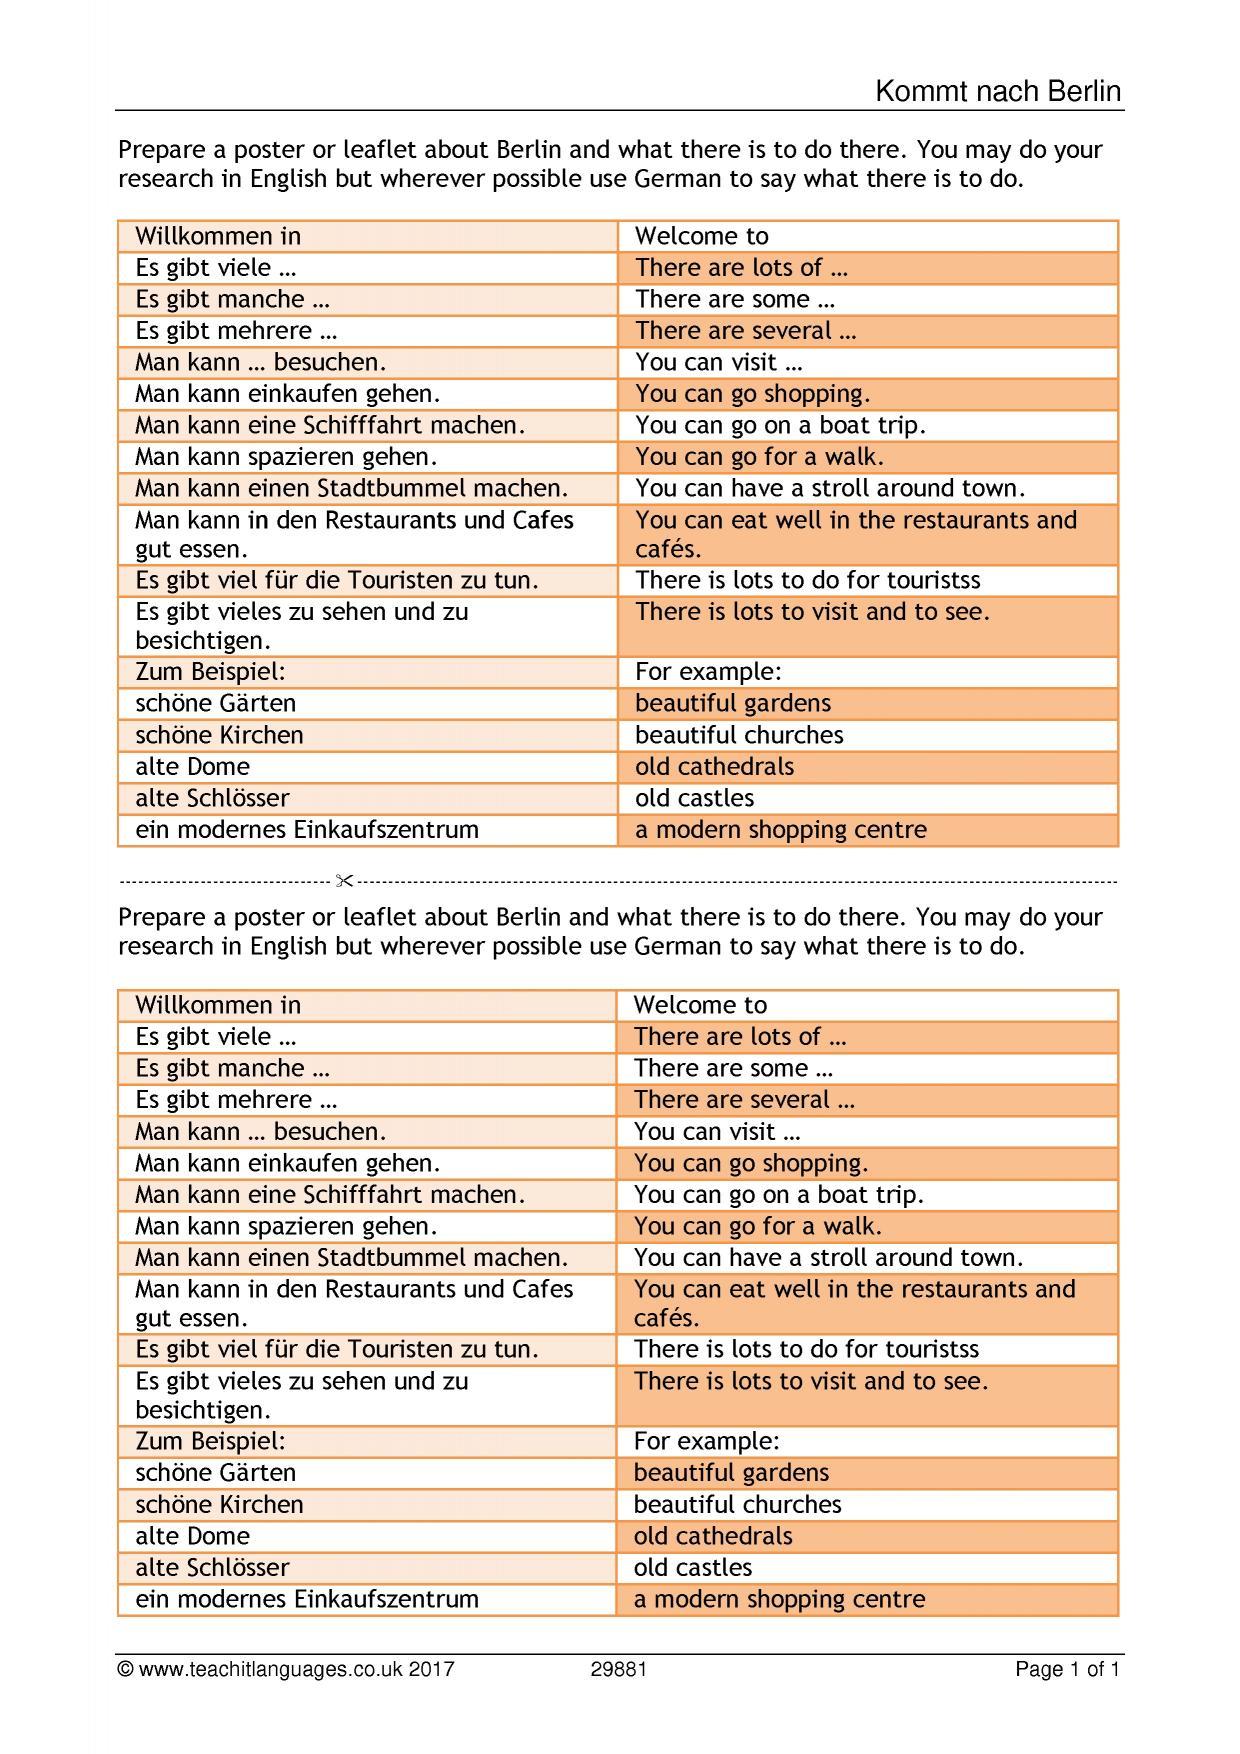 German Language Teaching Resources